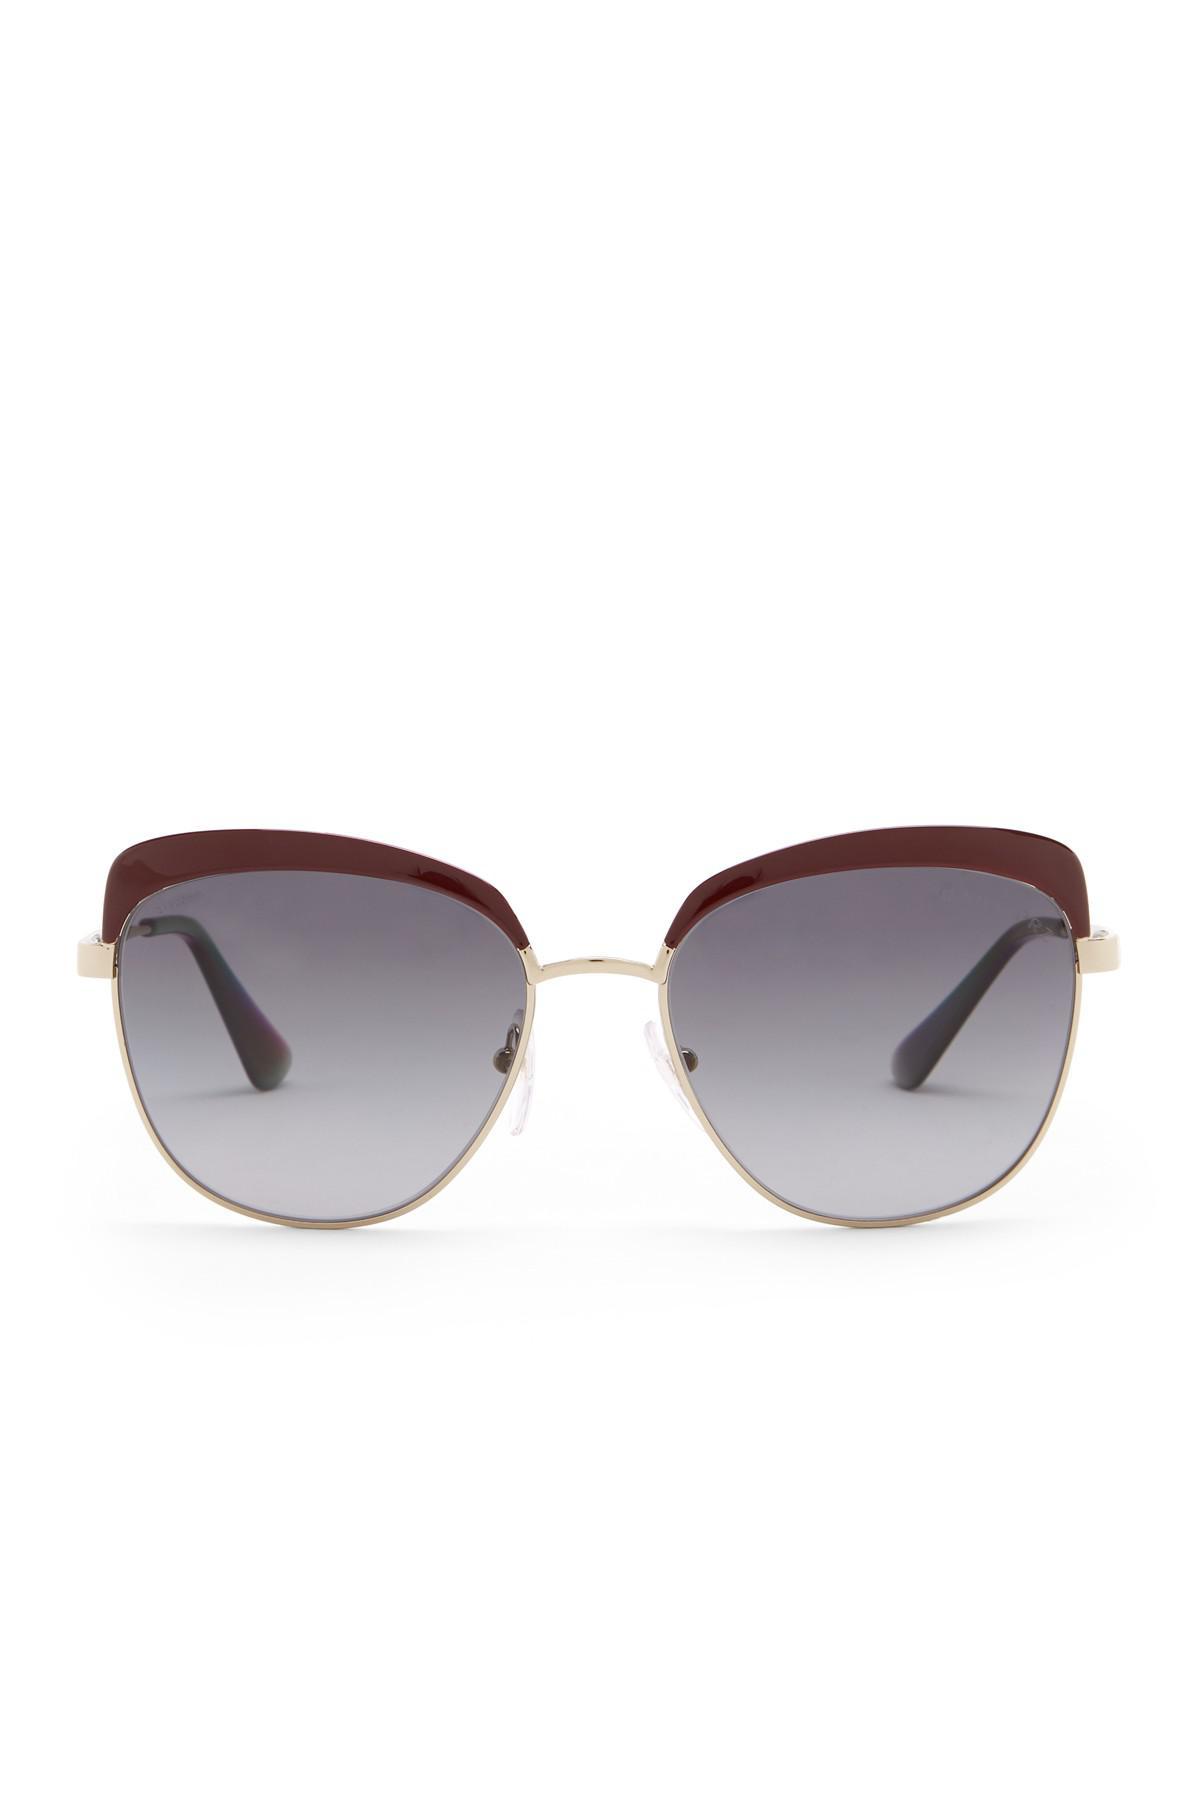 496058caefe Lyst - Prada 56mm Square Catwalk Sunglasses in Metallic